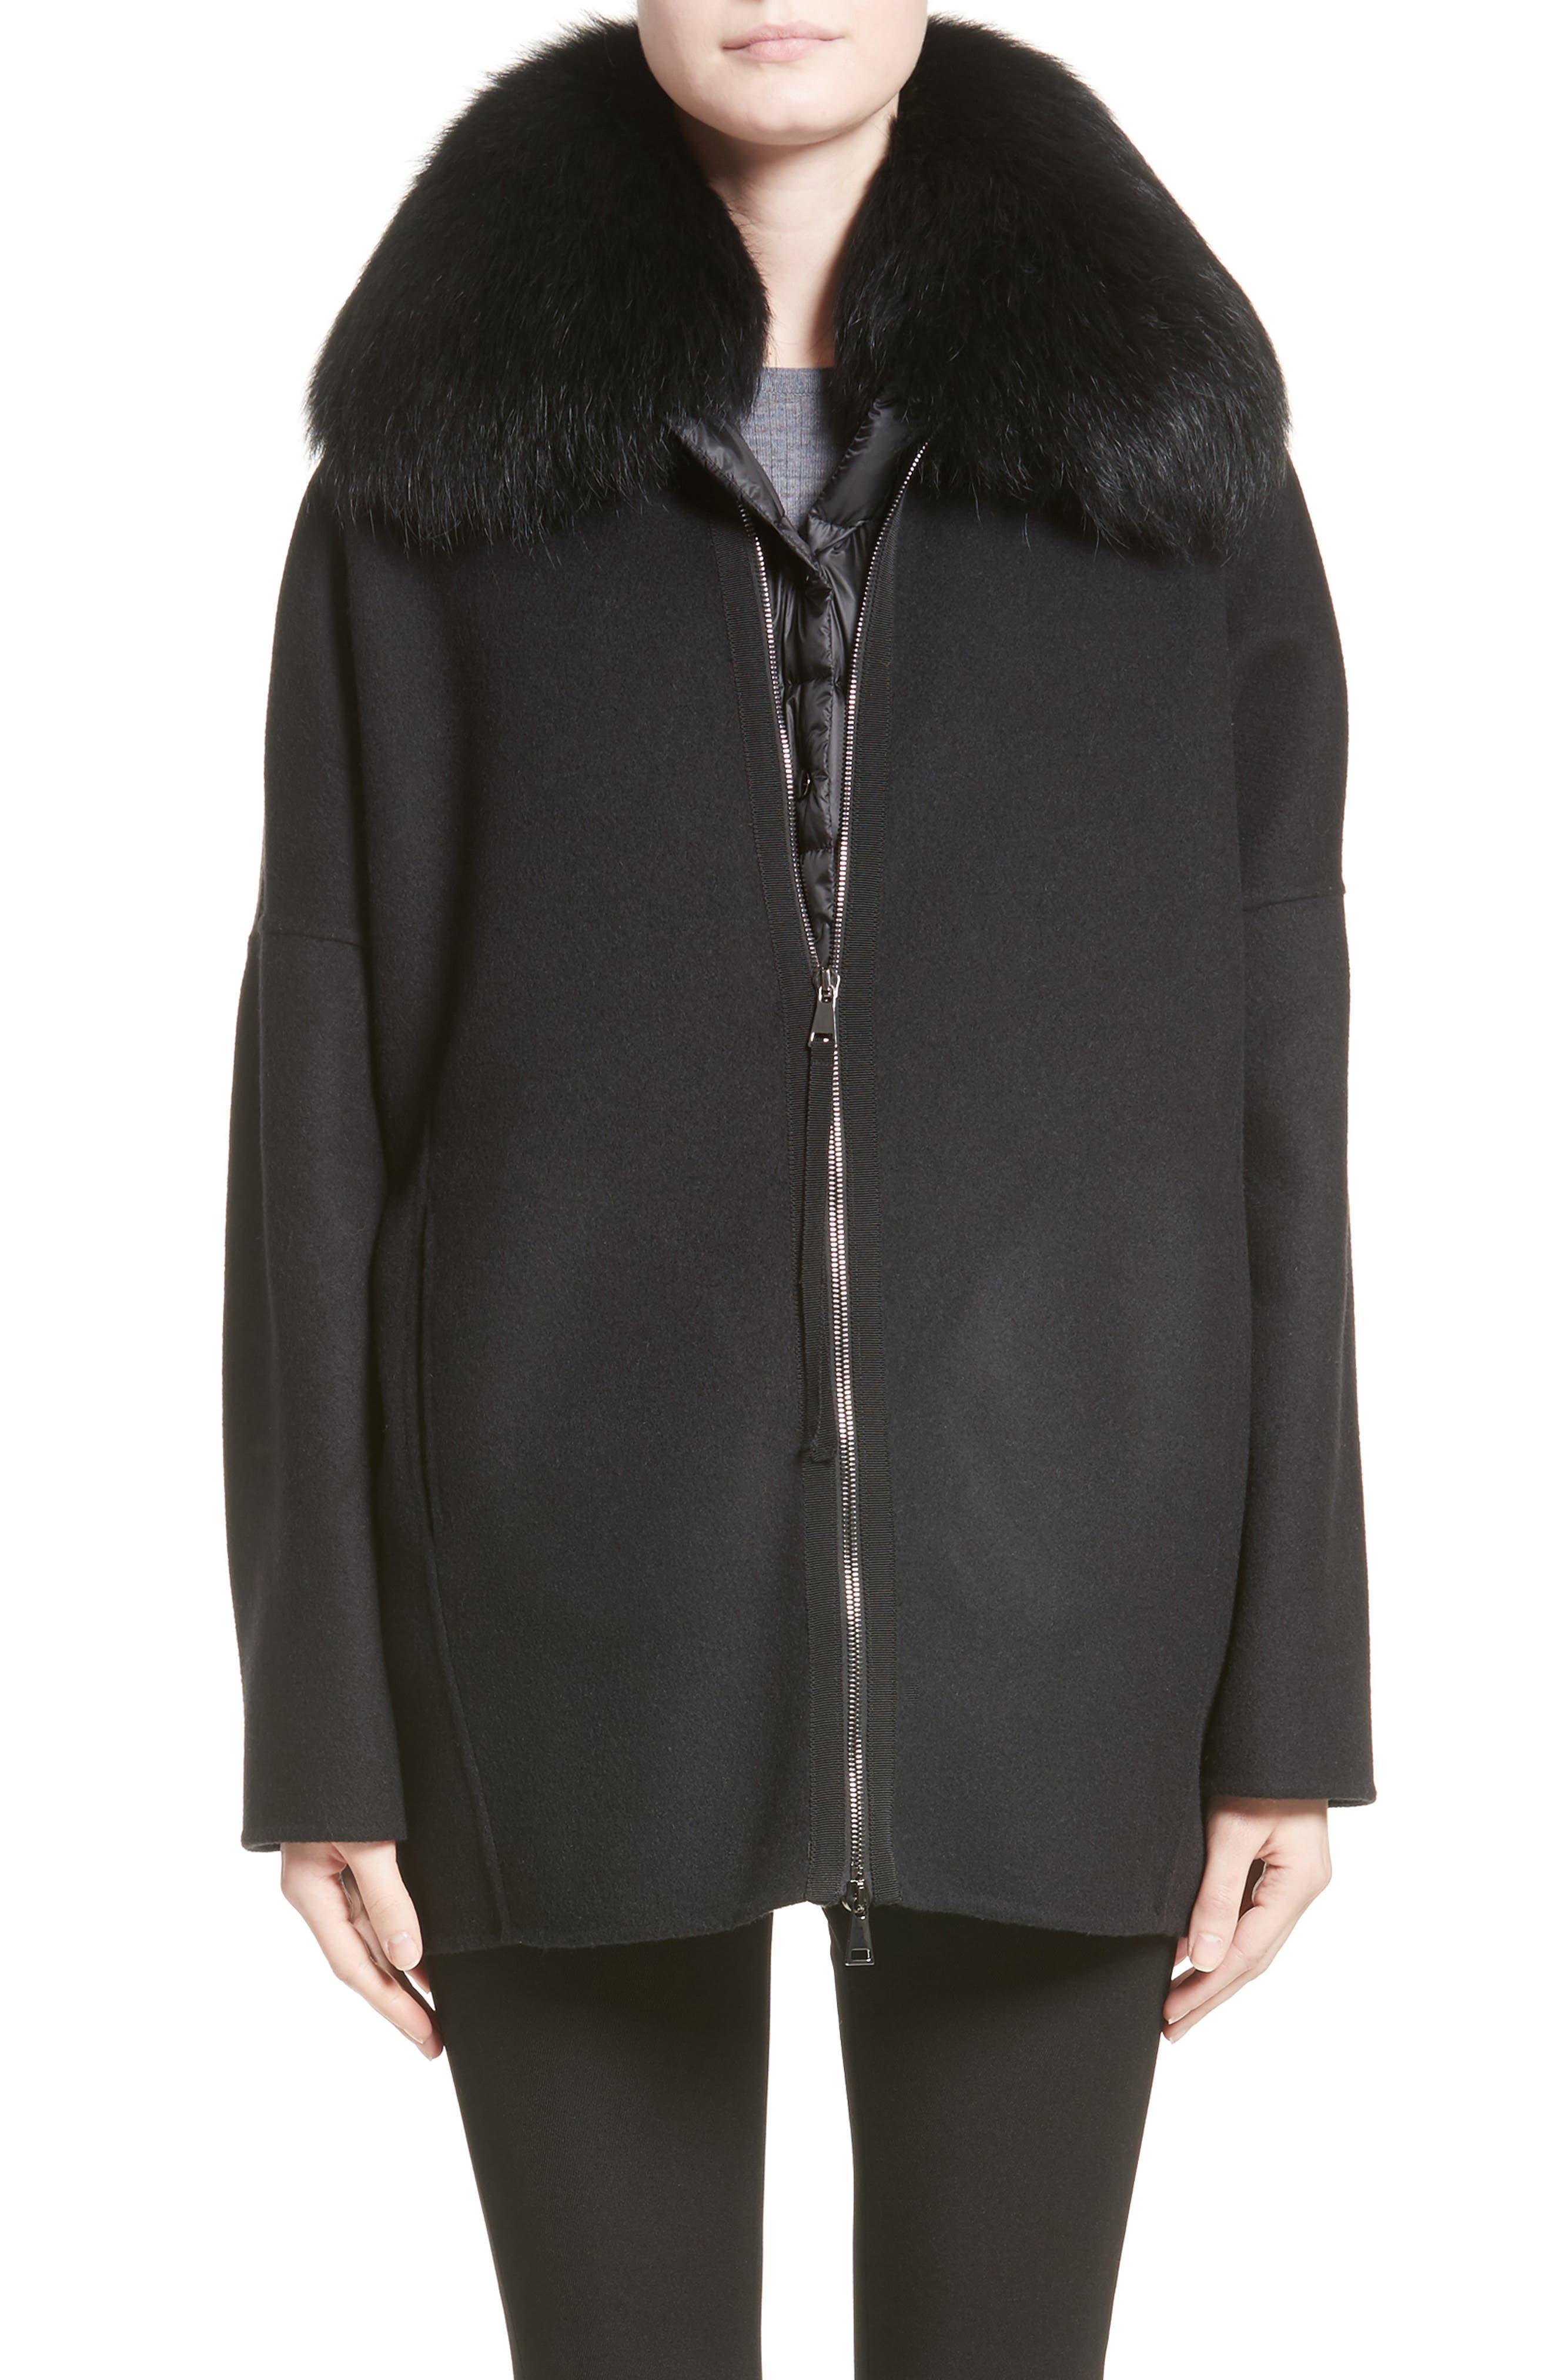 Buxus Wool & Cashmere Coat with Removable Genuine Fox Fur Trim Vest,                         Main,                         color, Black